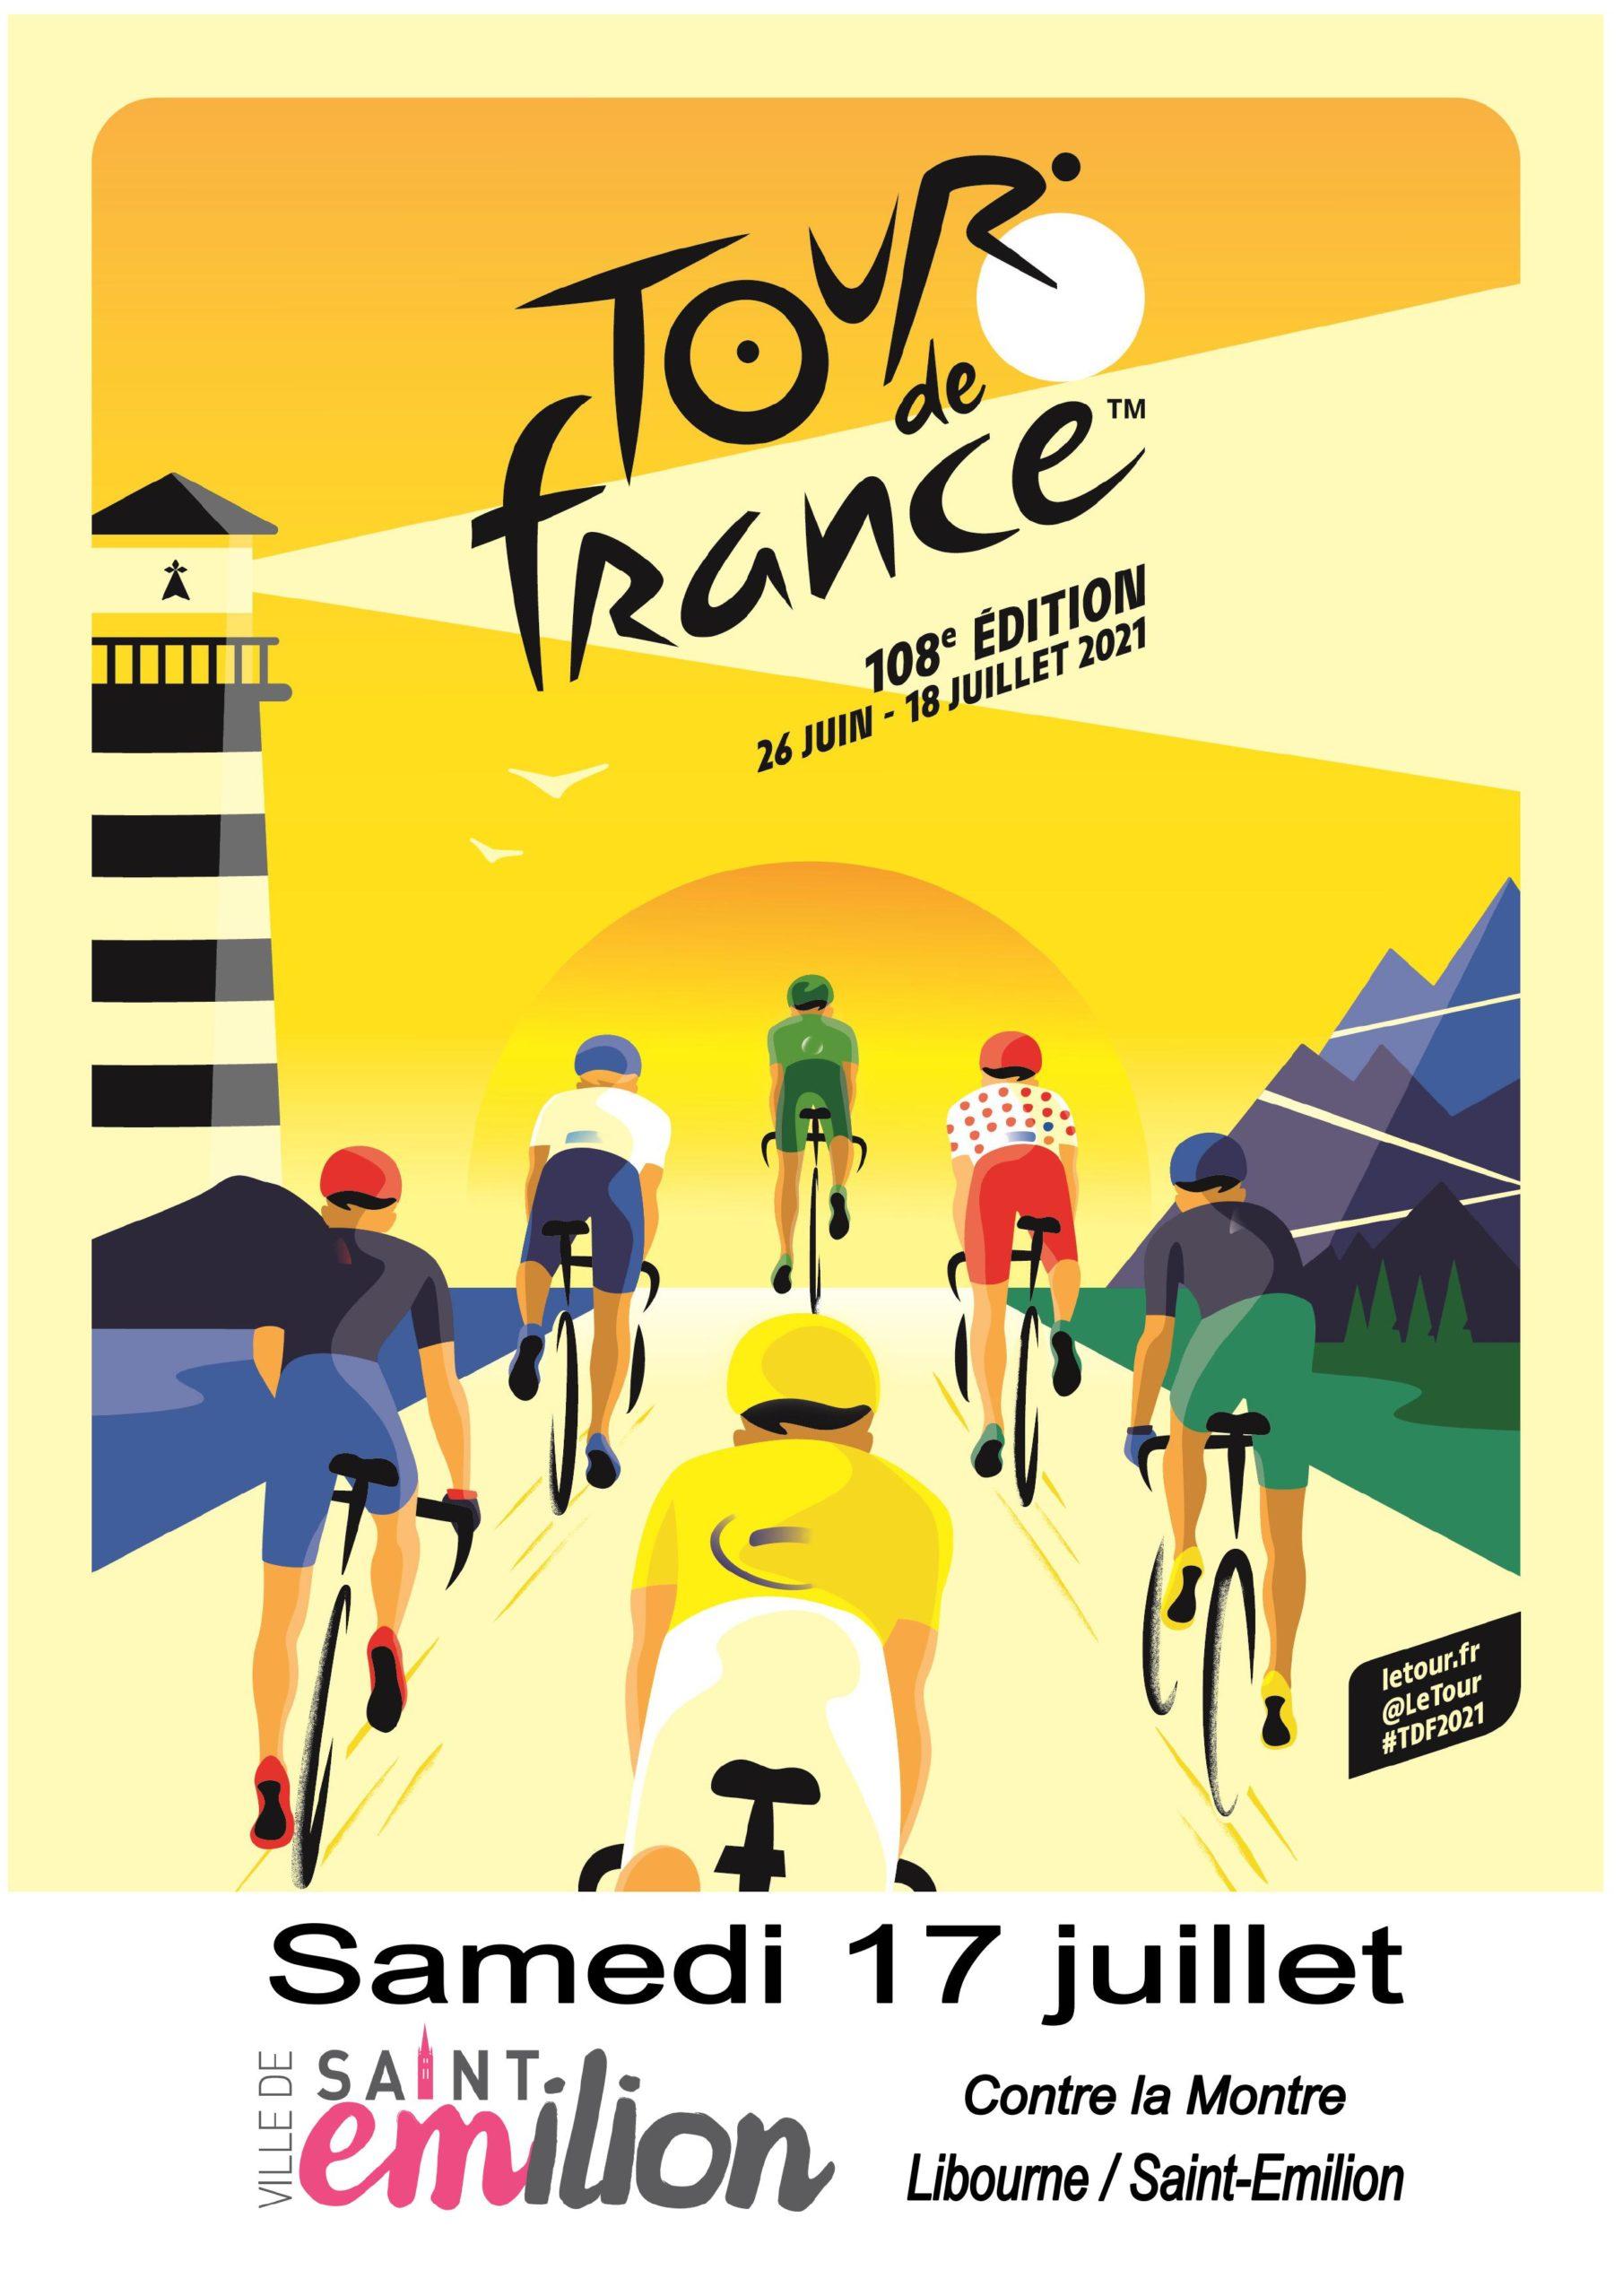 Libourne et Saint-Émilion en fête pour le Tour de France